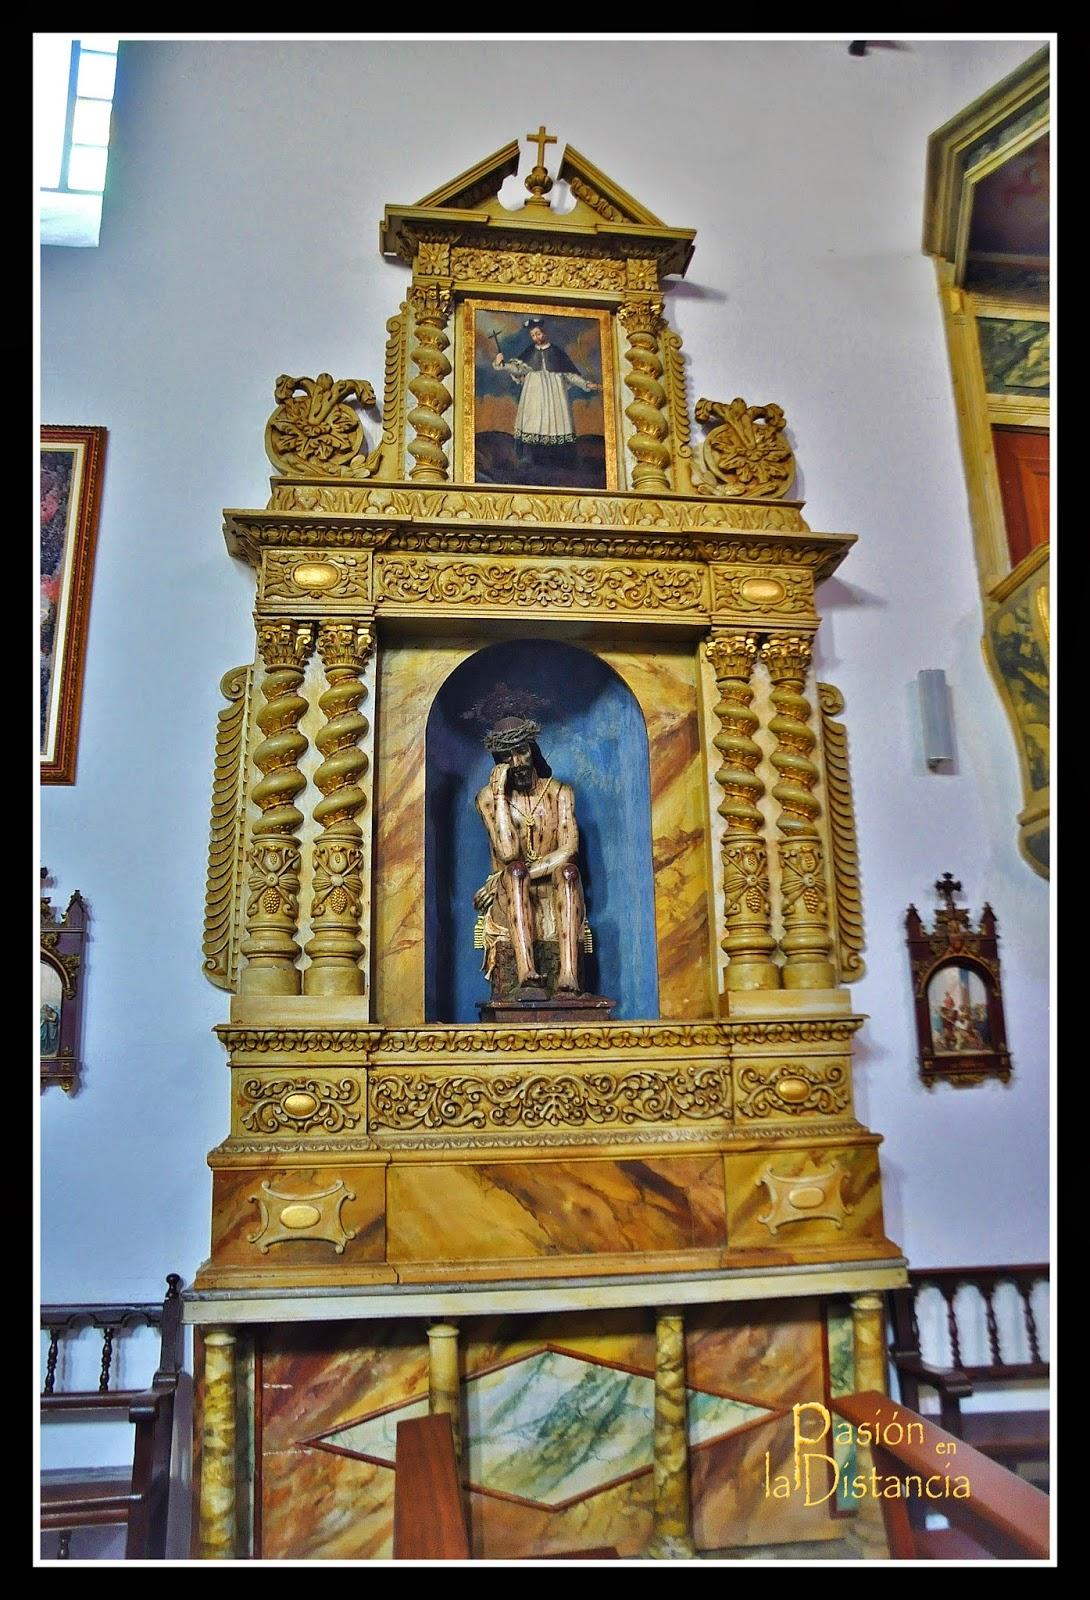 Humildad+Paciencia+Los+Silos+Tenerife